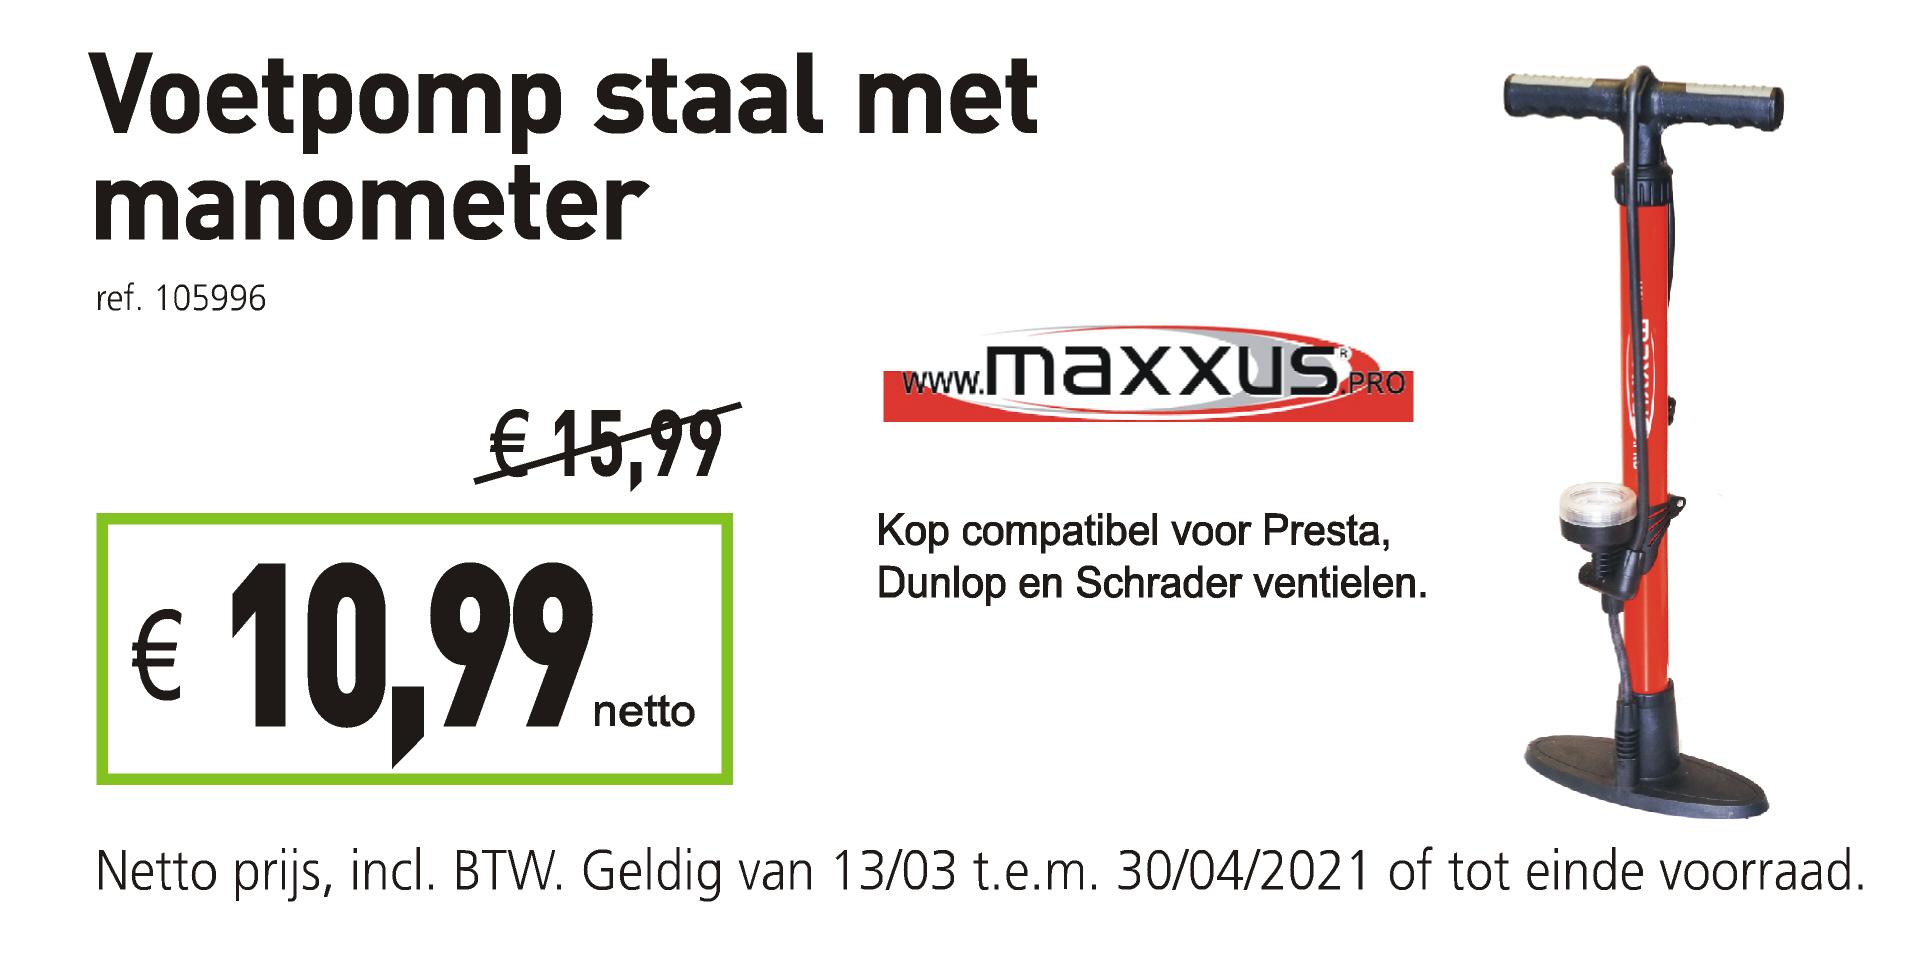 Maxxus voetpomp staal met manometer